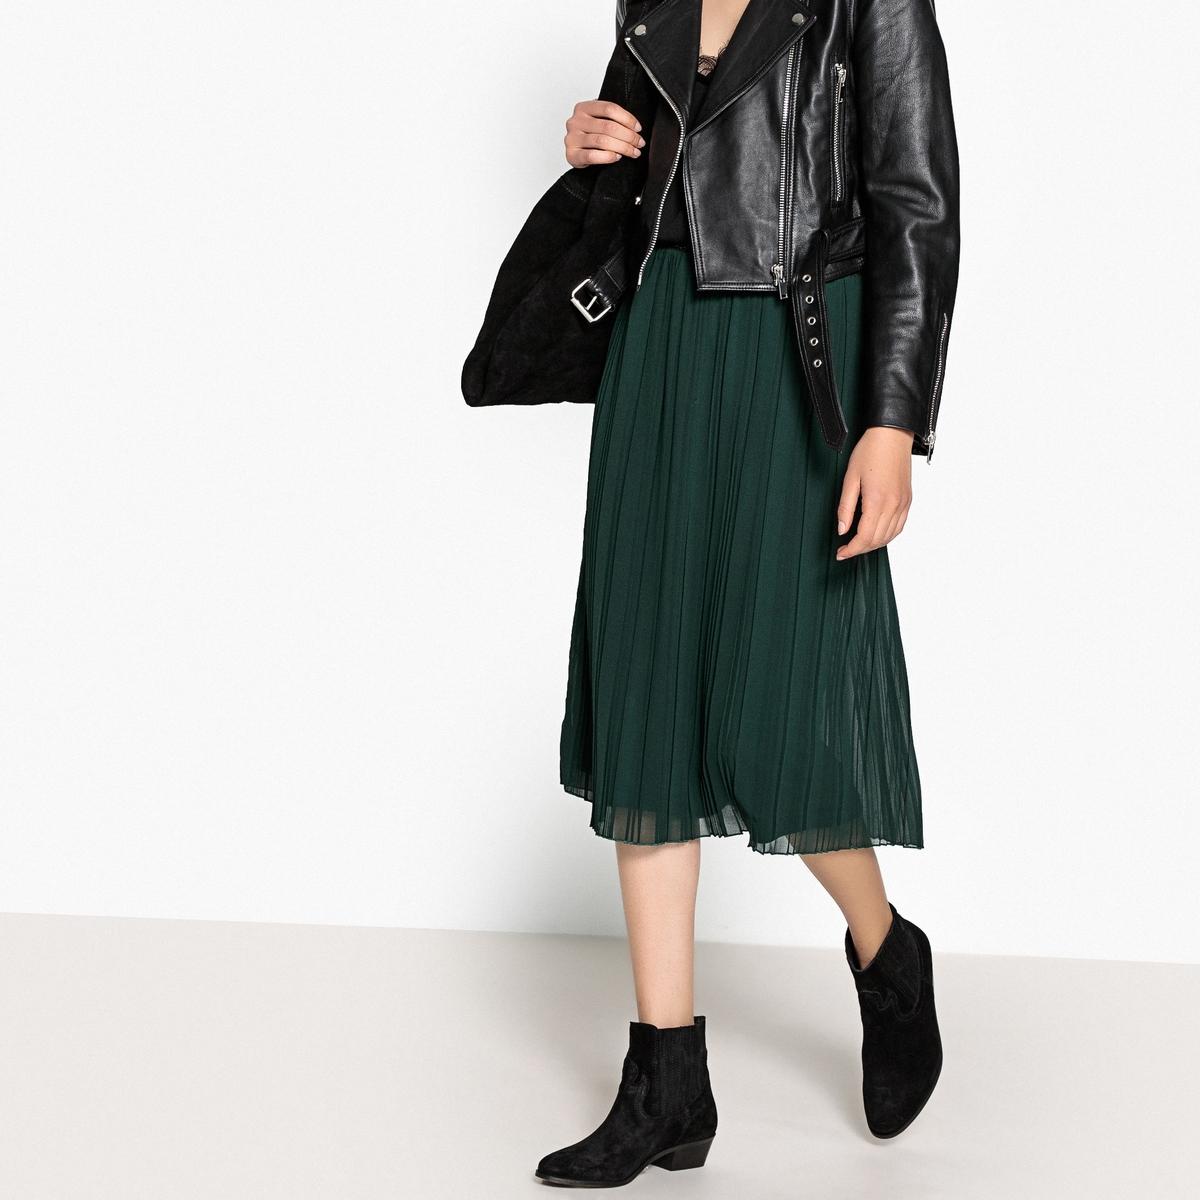 Falda plisada con cintura elástica sporty